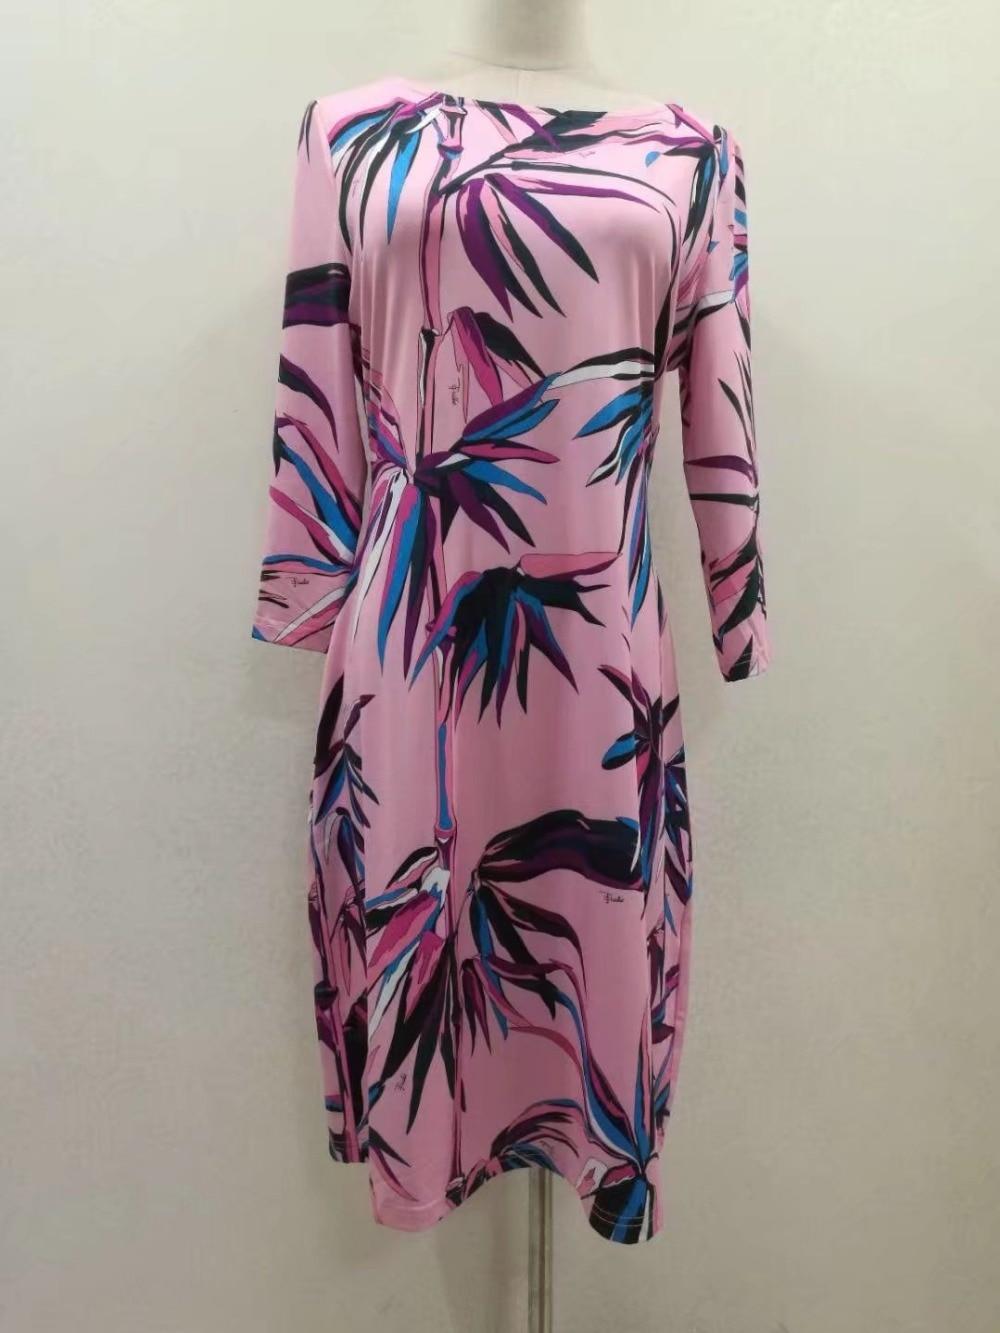 Nowy mody 2017 lato projektant luksusowe kobiety jest Slach szyi geometryczne druku 3/4 z długim rękawem Plus rozmiar XXL Stretch Jersey sukienka jedwabna w Suknie od Odzież damska na  Grupa 3